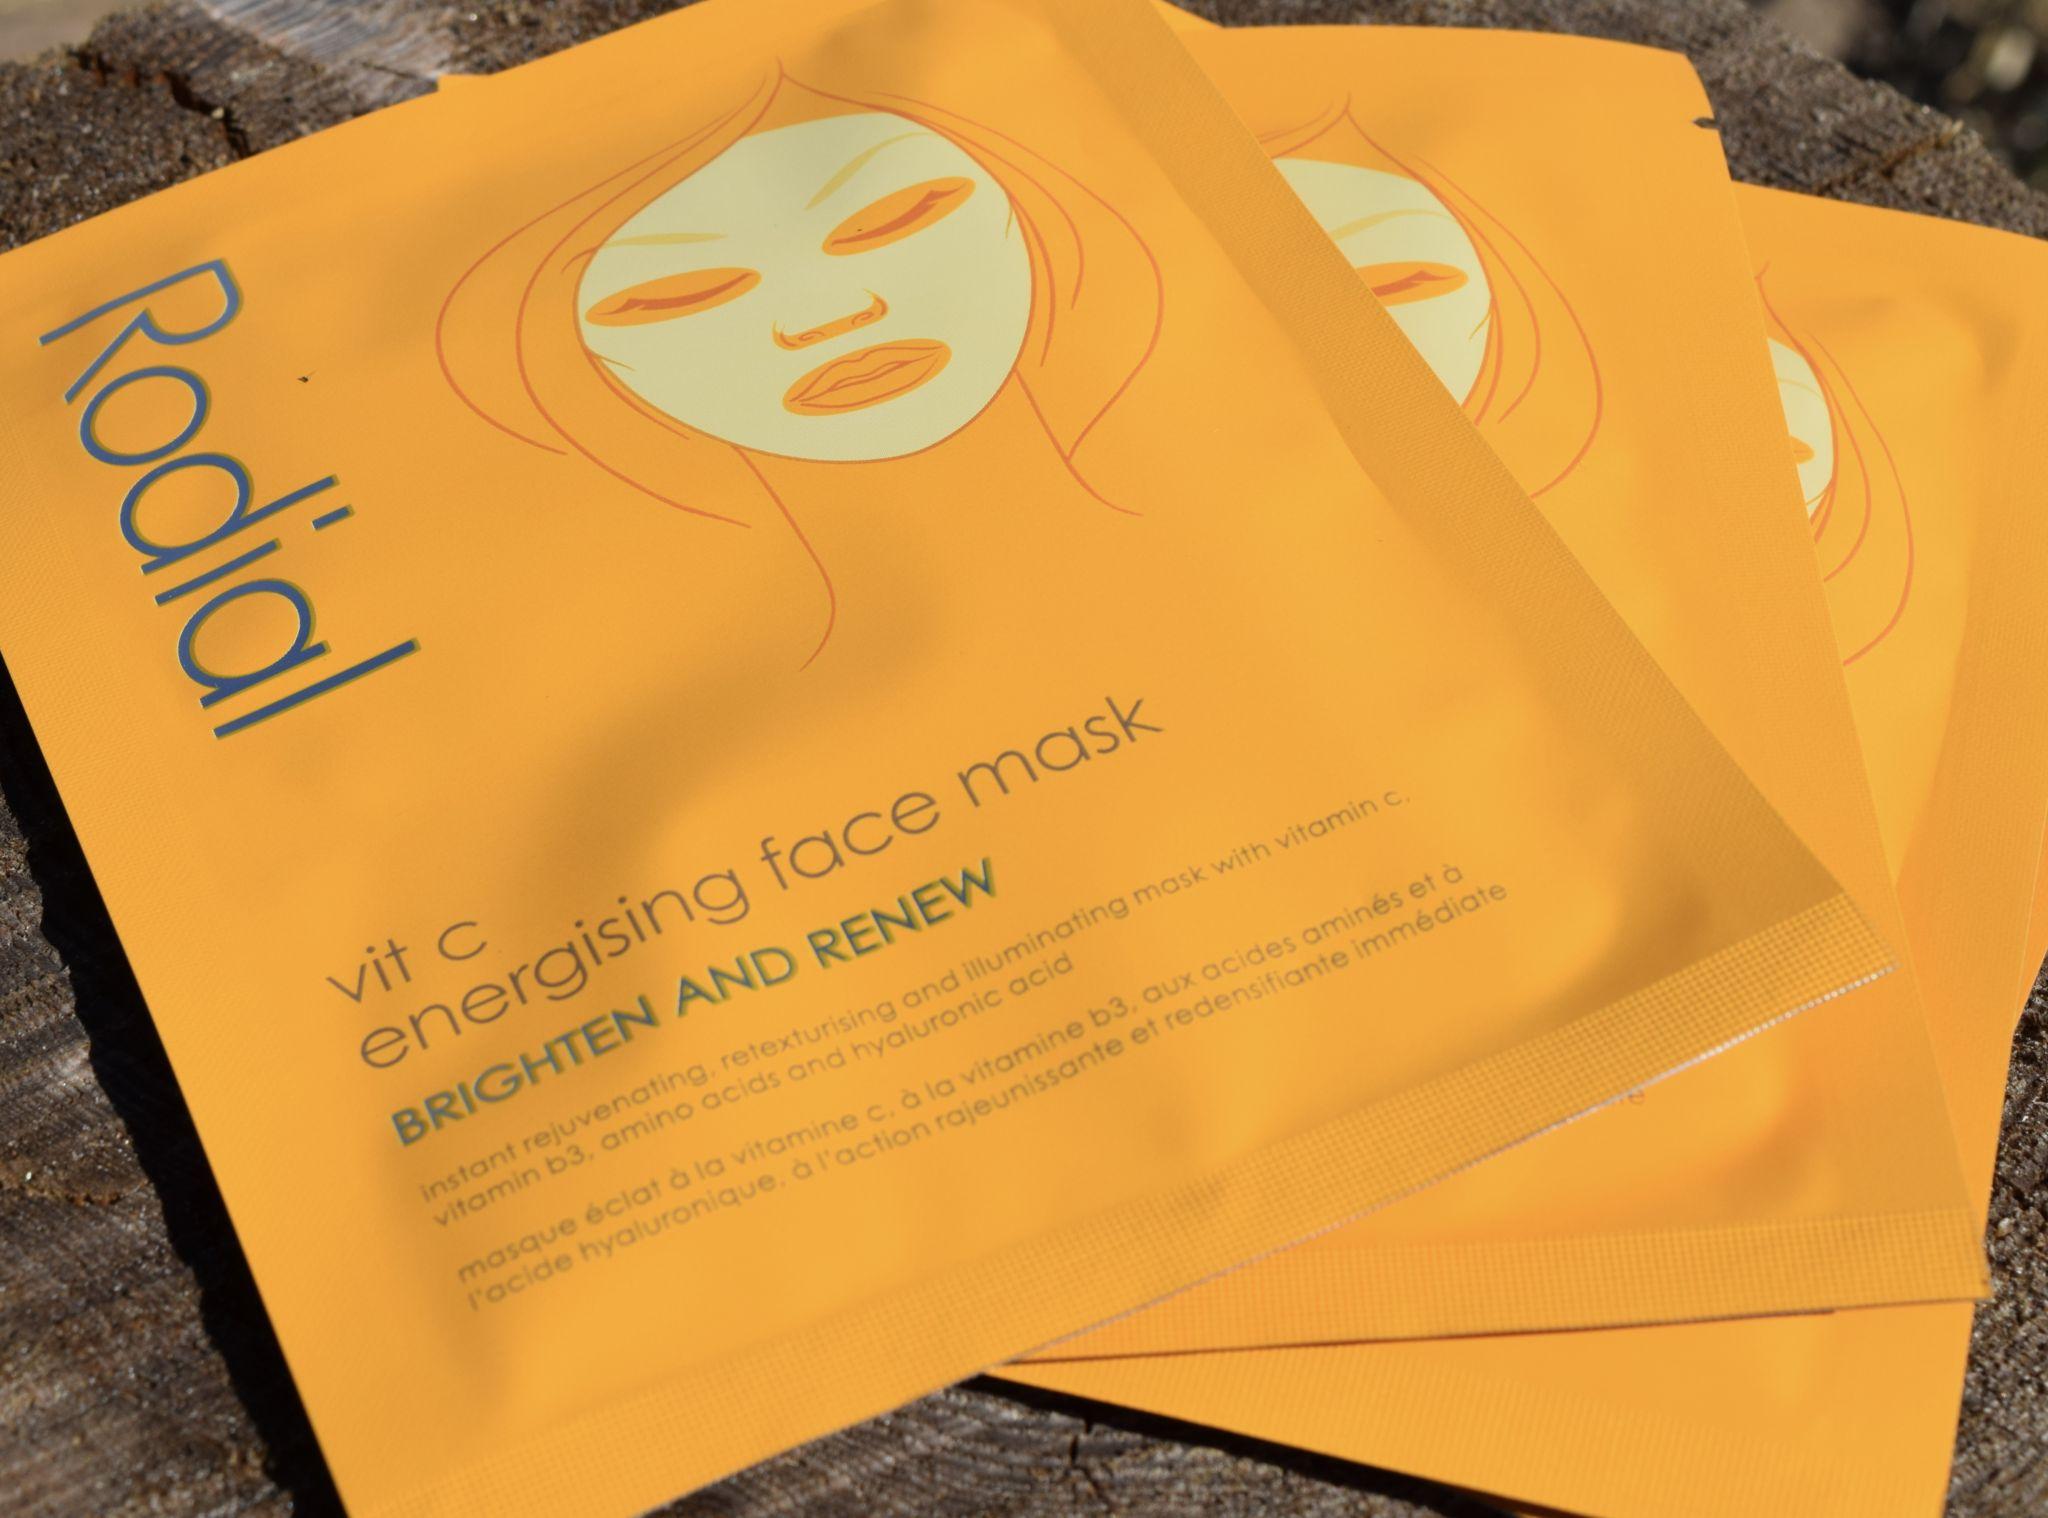 Rodial Vit C Energising Sheet Masks